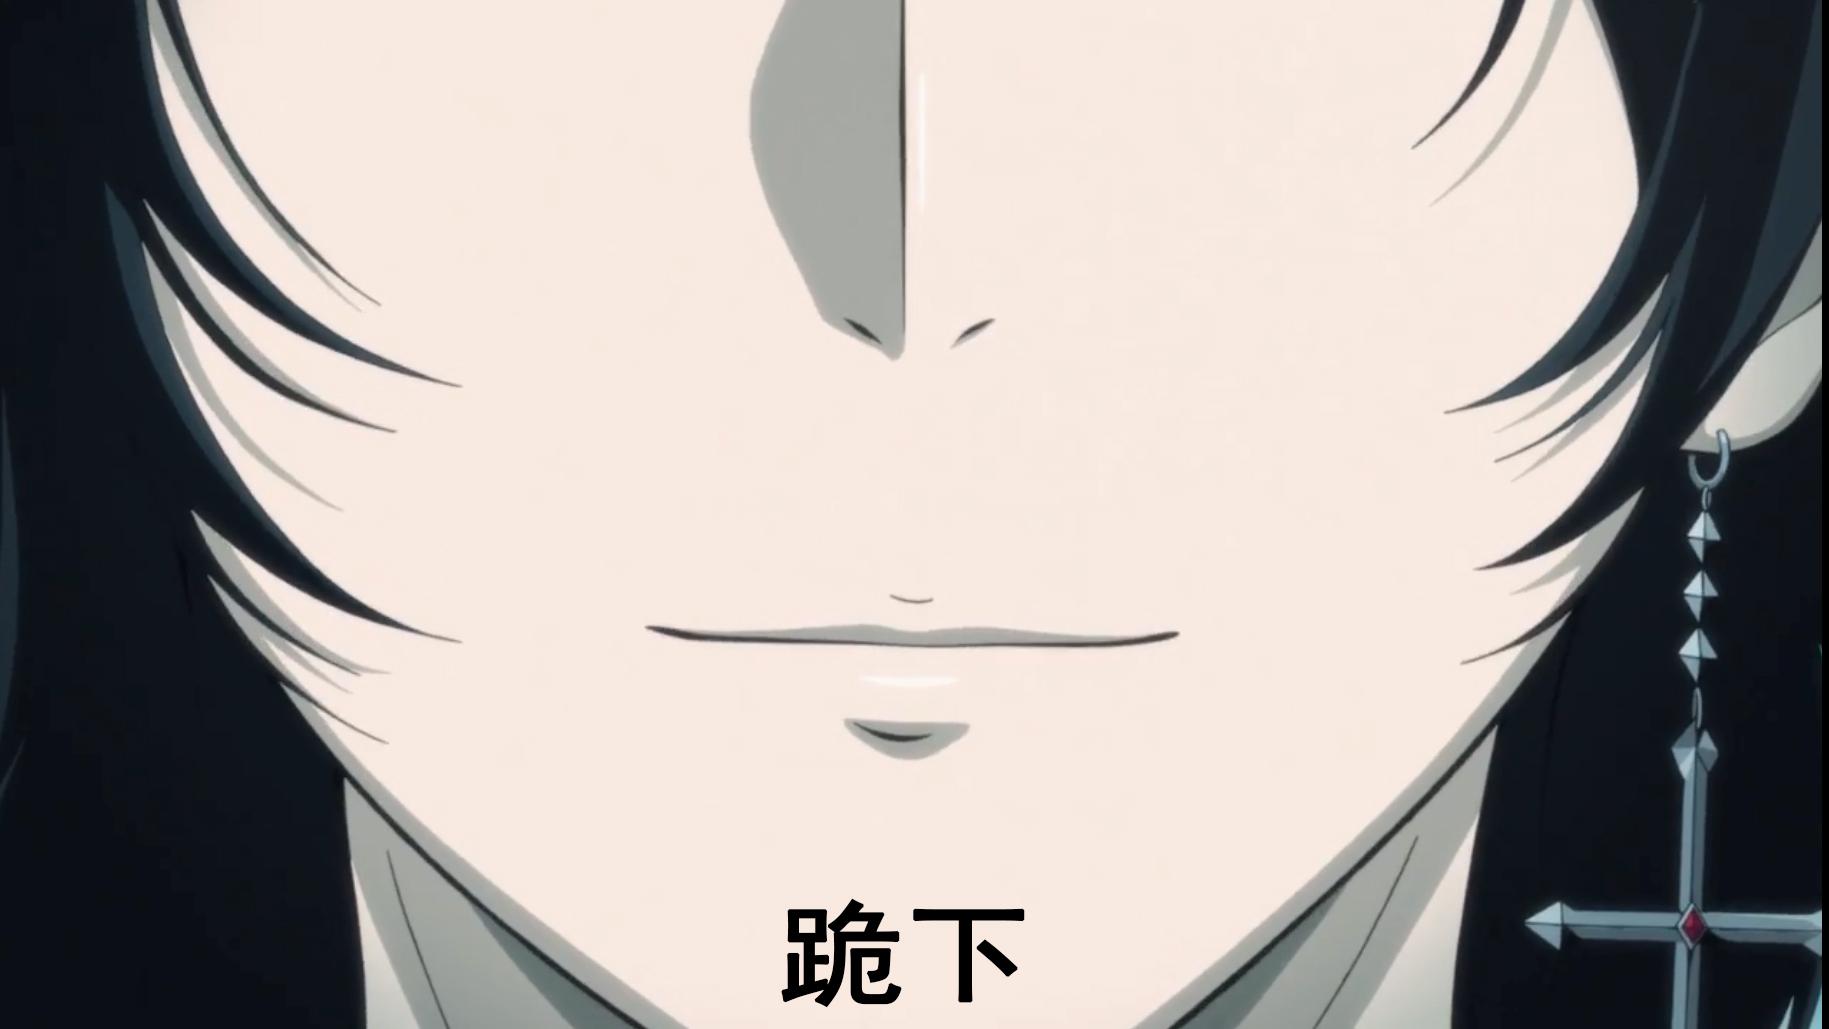 【大贵族】燃向动漫-吸血鬼与人类【此篇OVA】   据说全新动漫2020年内开播